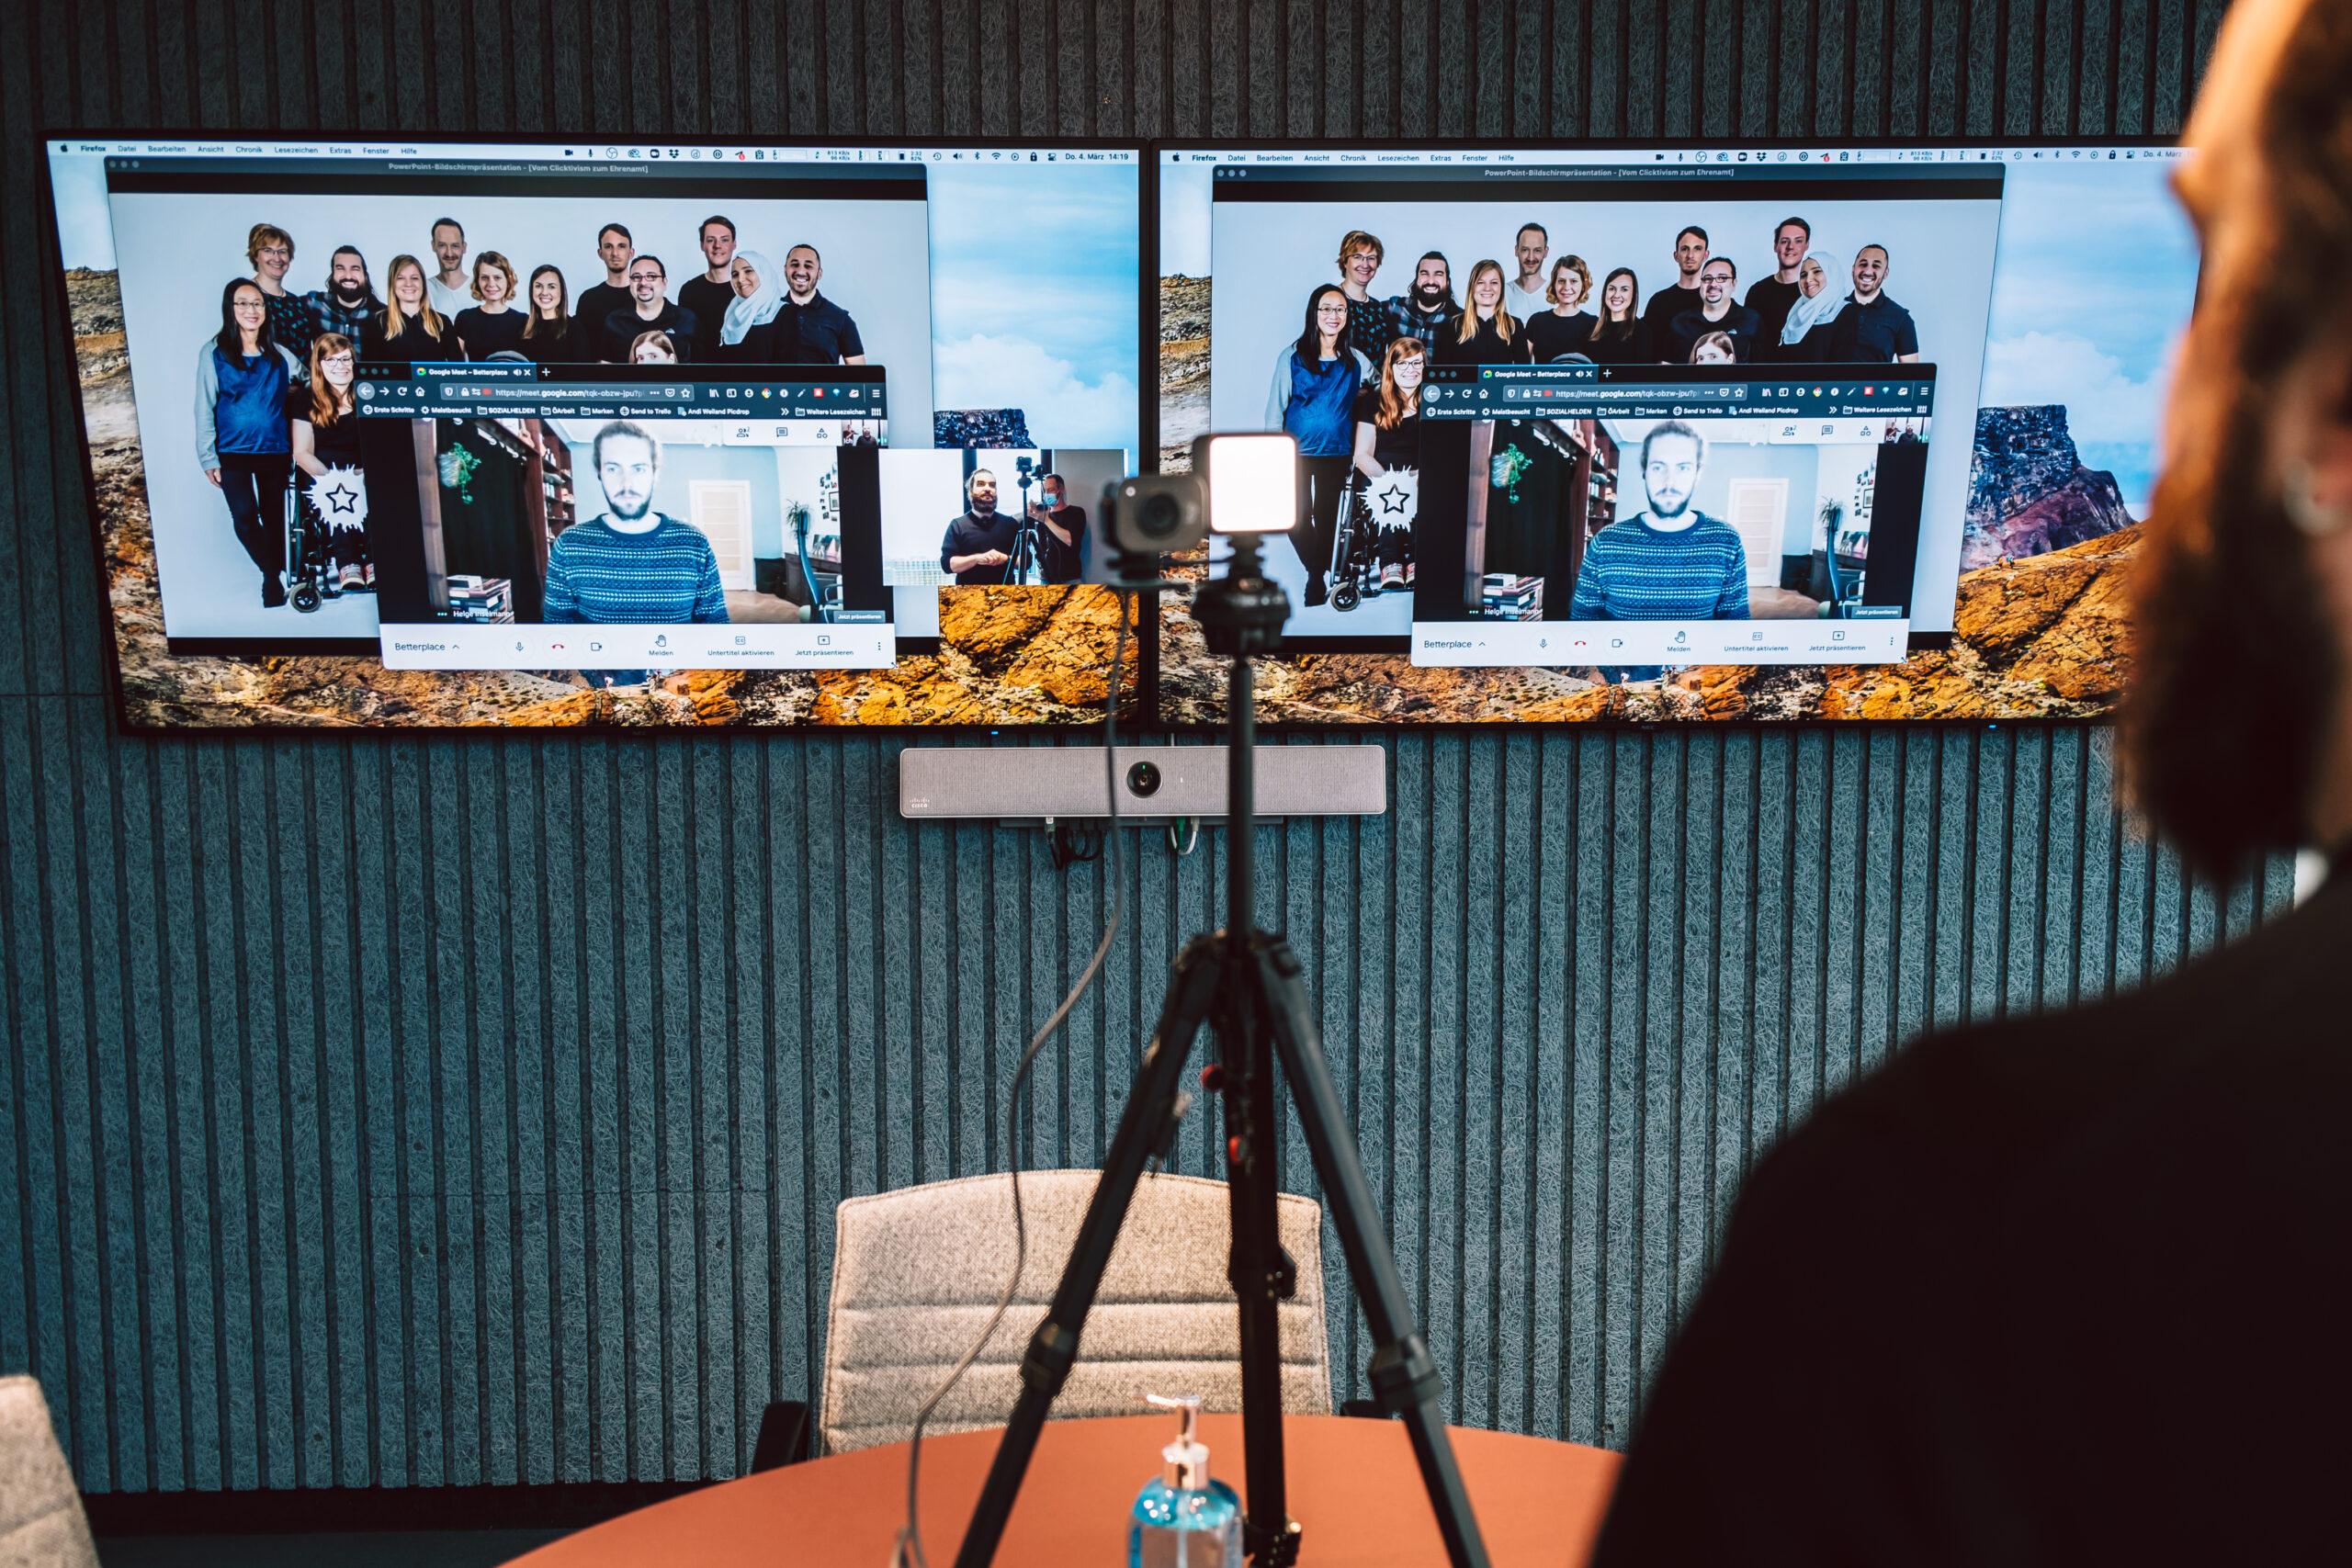 Zwei Bildschirme mit dem Team der Sozialhelden drauf. Um Vordergrund spricht ein bärtiger Mann zu einer Webcam hin